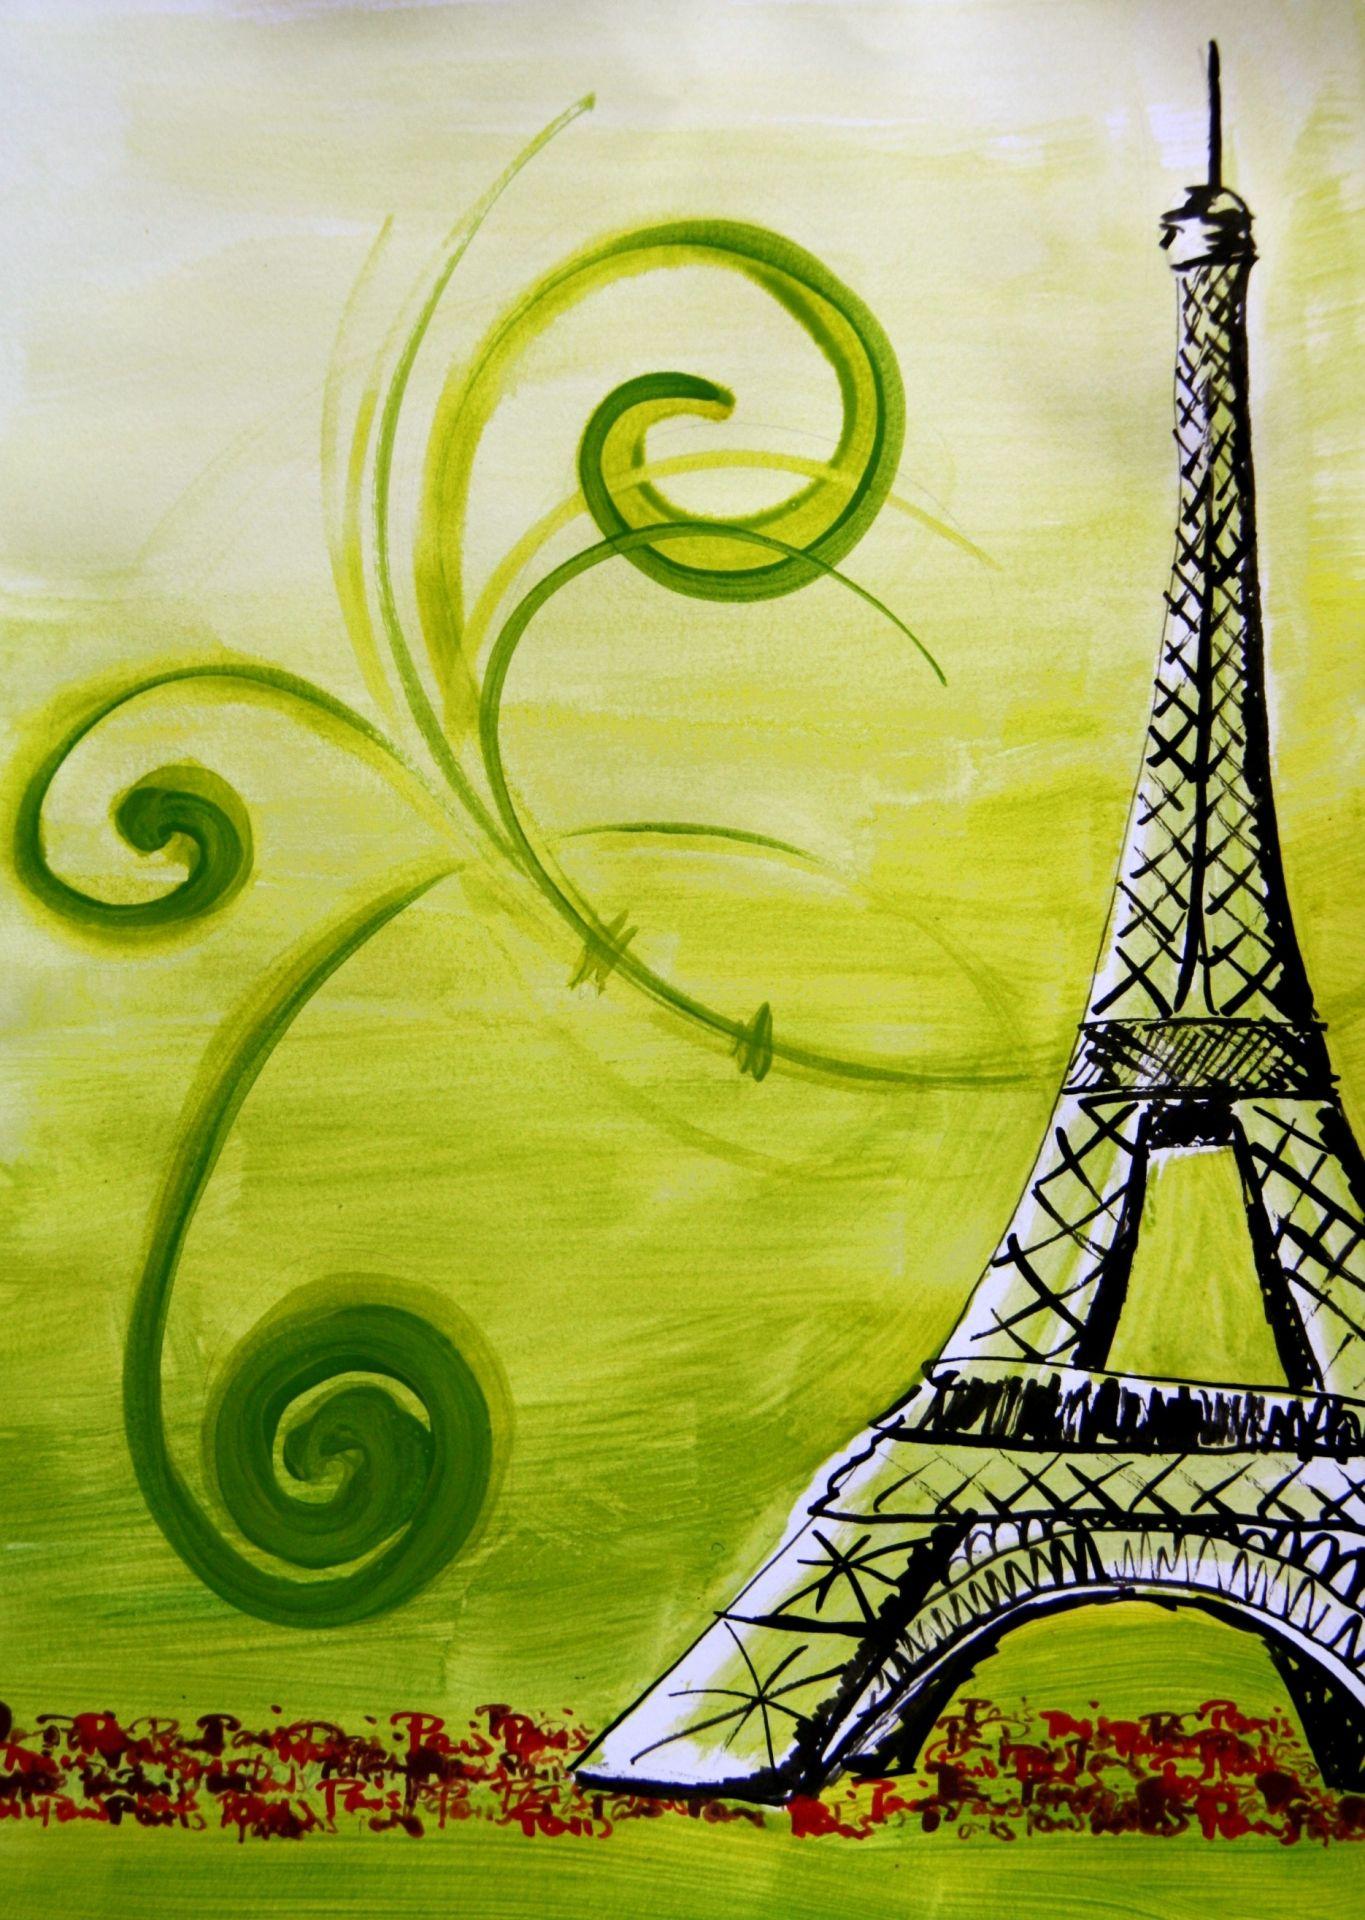 Tour Eiffel peinture (avec images) | Peinture, Tour eiffel, Tableau peinture